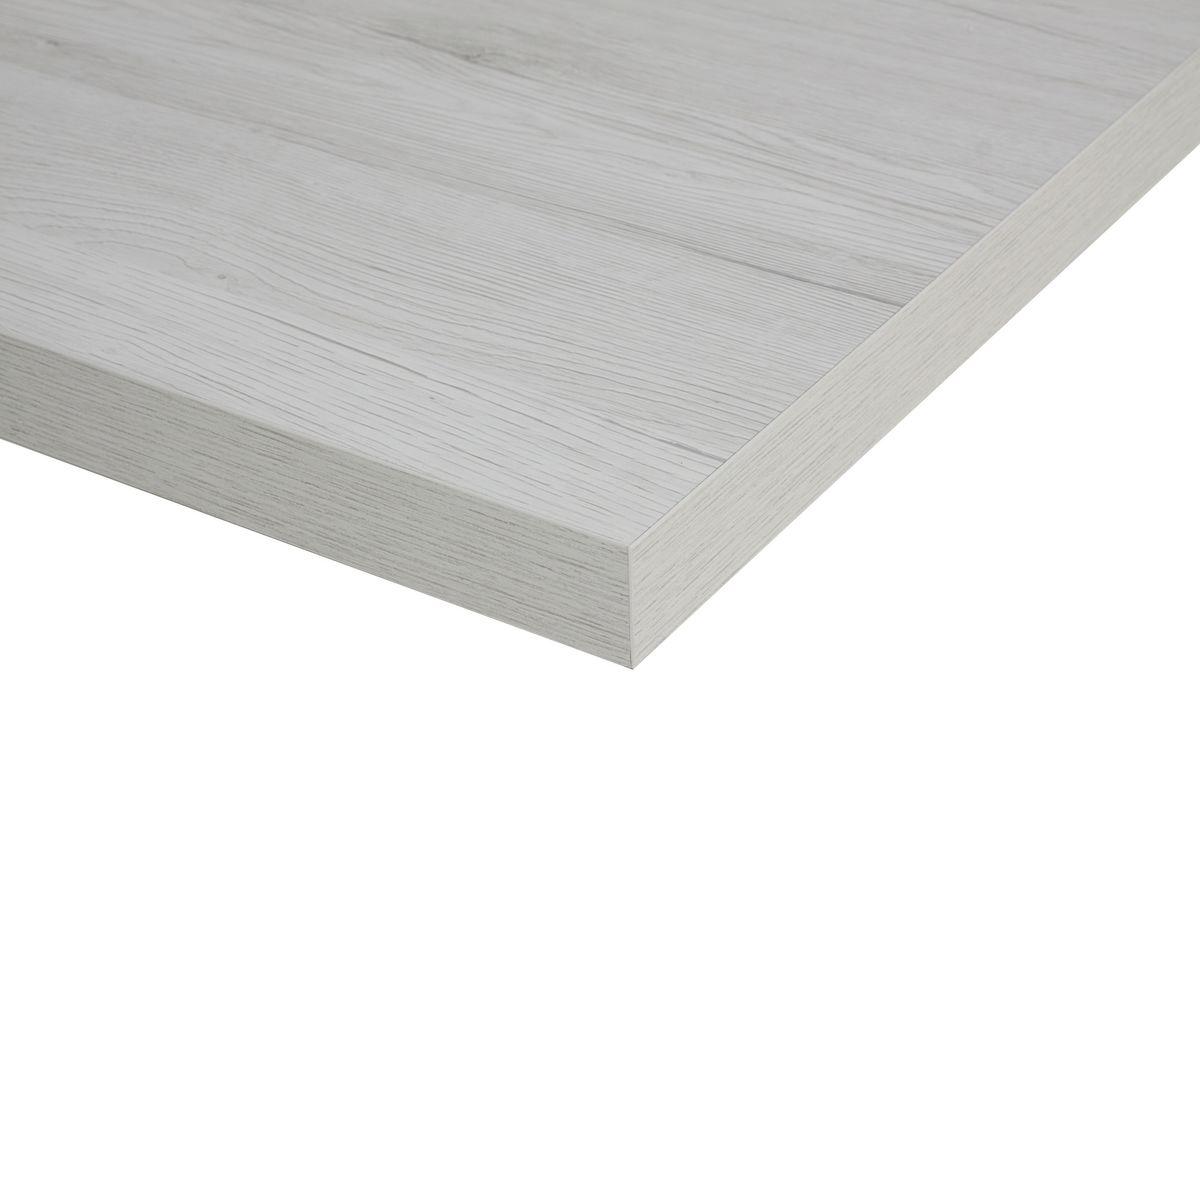 Piano cucina su misura laminato bianco rovere 2 cm prezzi e offerte online - Cucina su misura prezzi ...